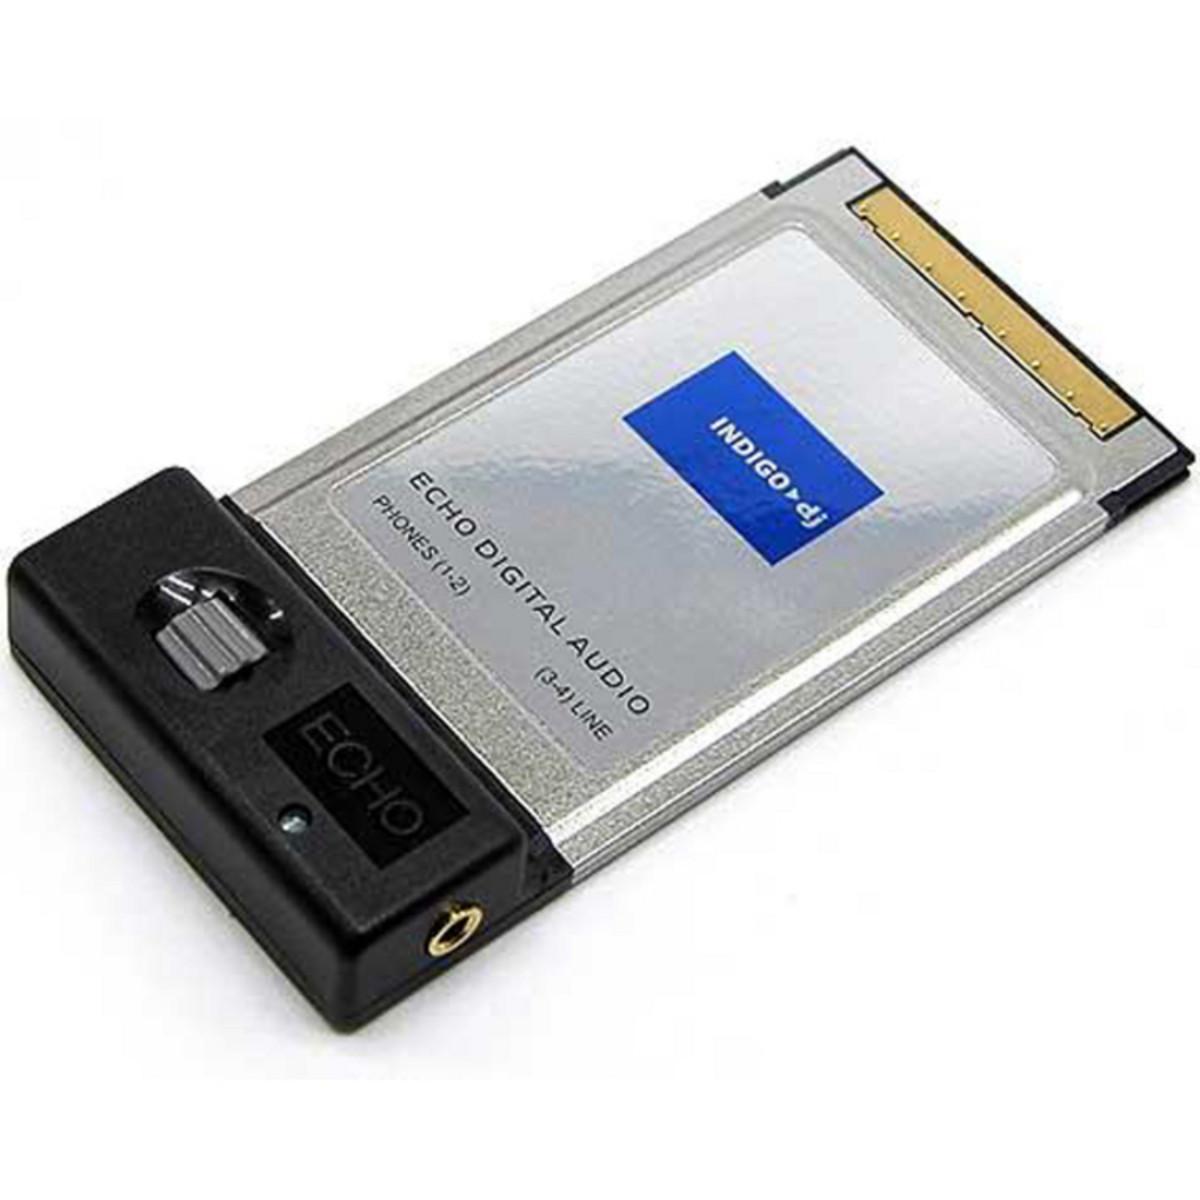 Echo Audio Indigo dj PCMCIA Type II Cardbus Descargar Controlador